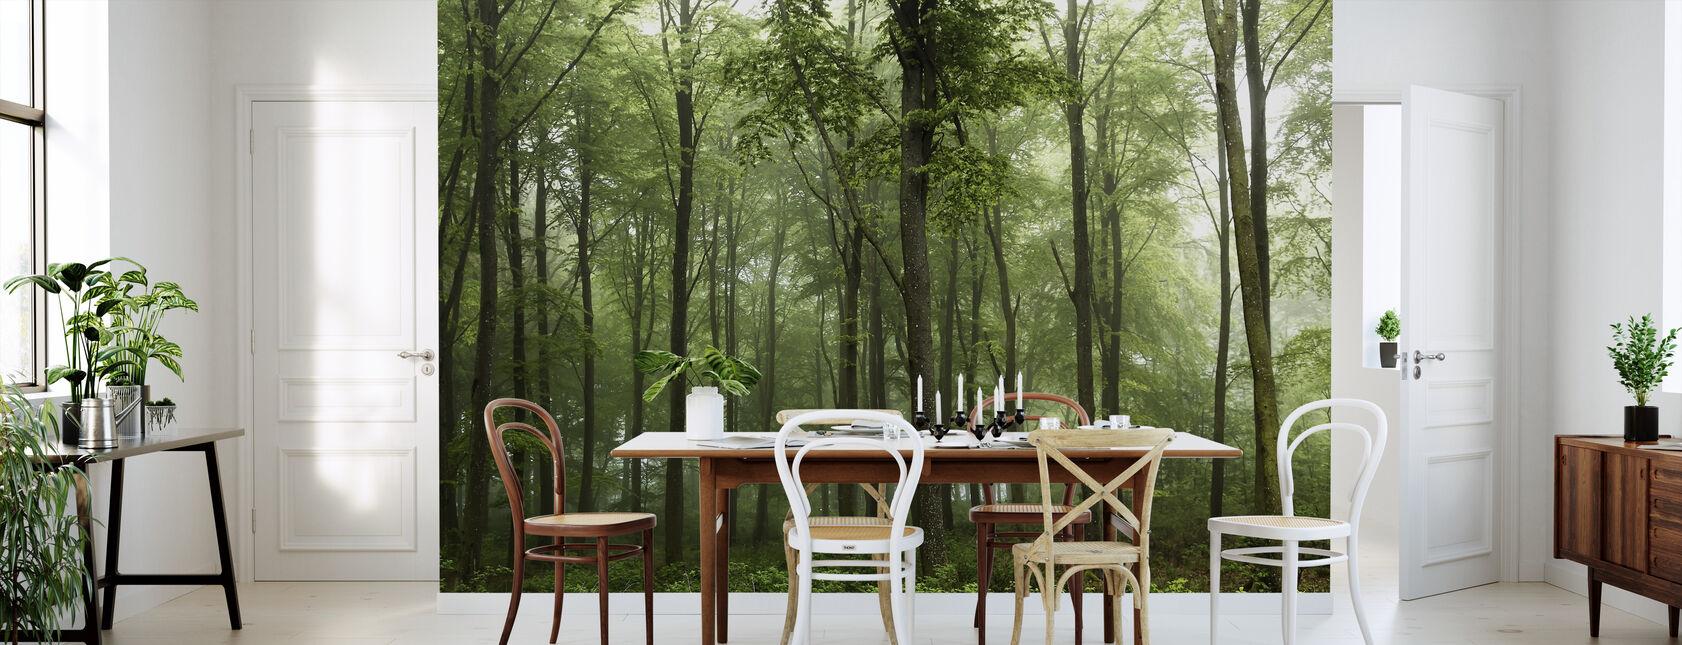 Metsä - Tapetti - Keittiö